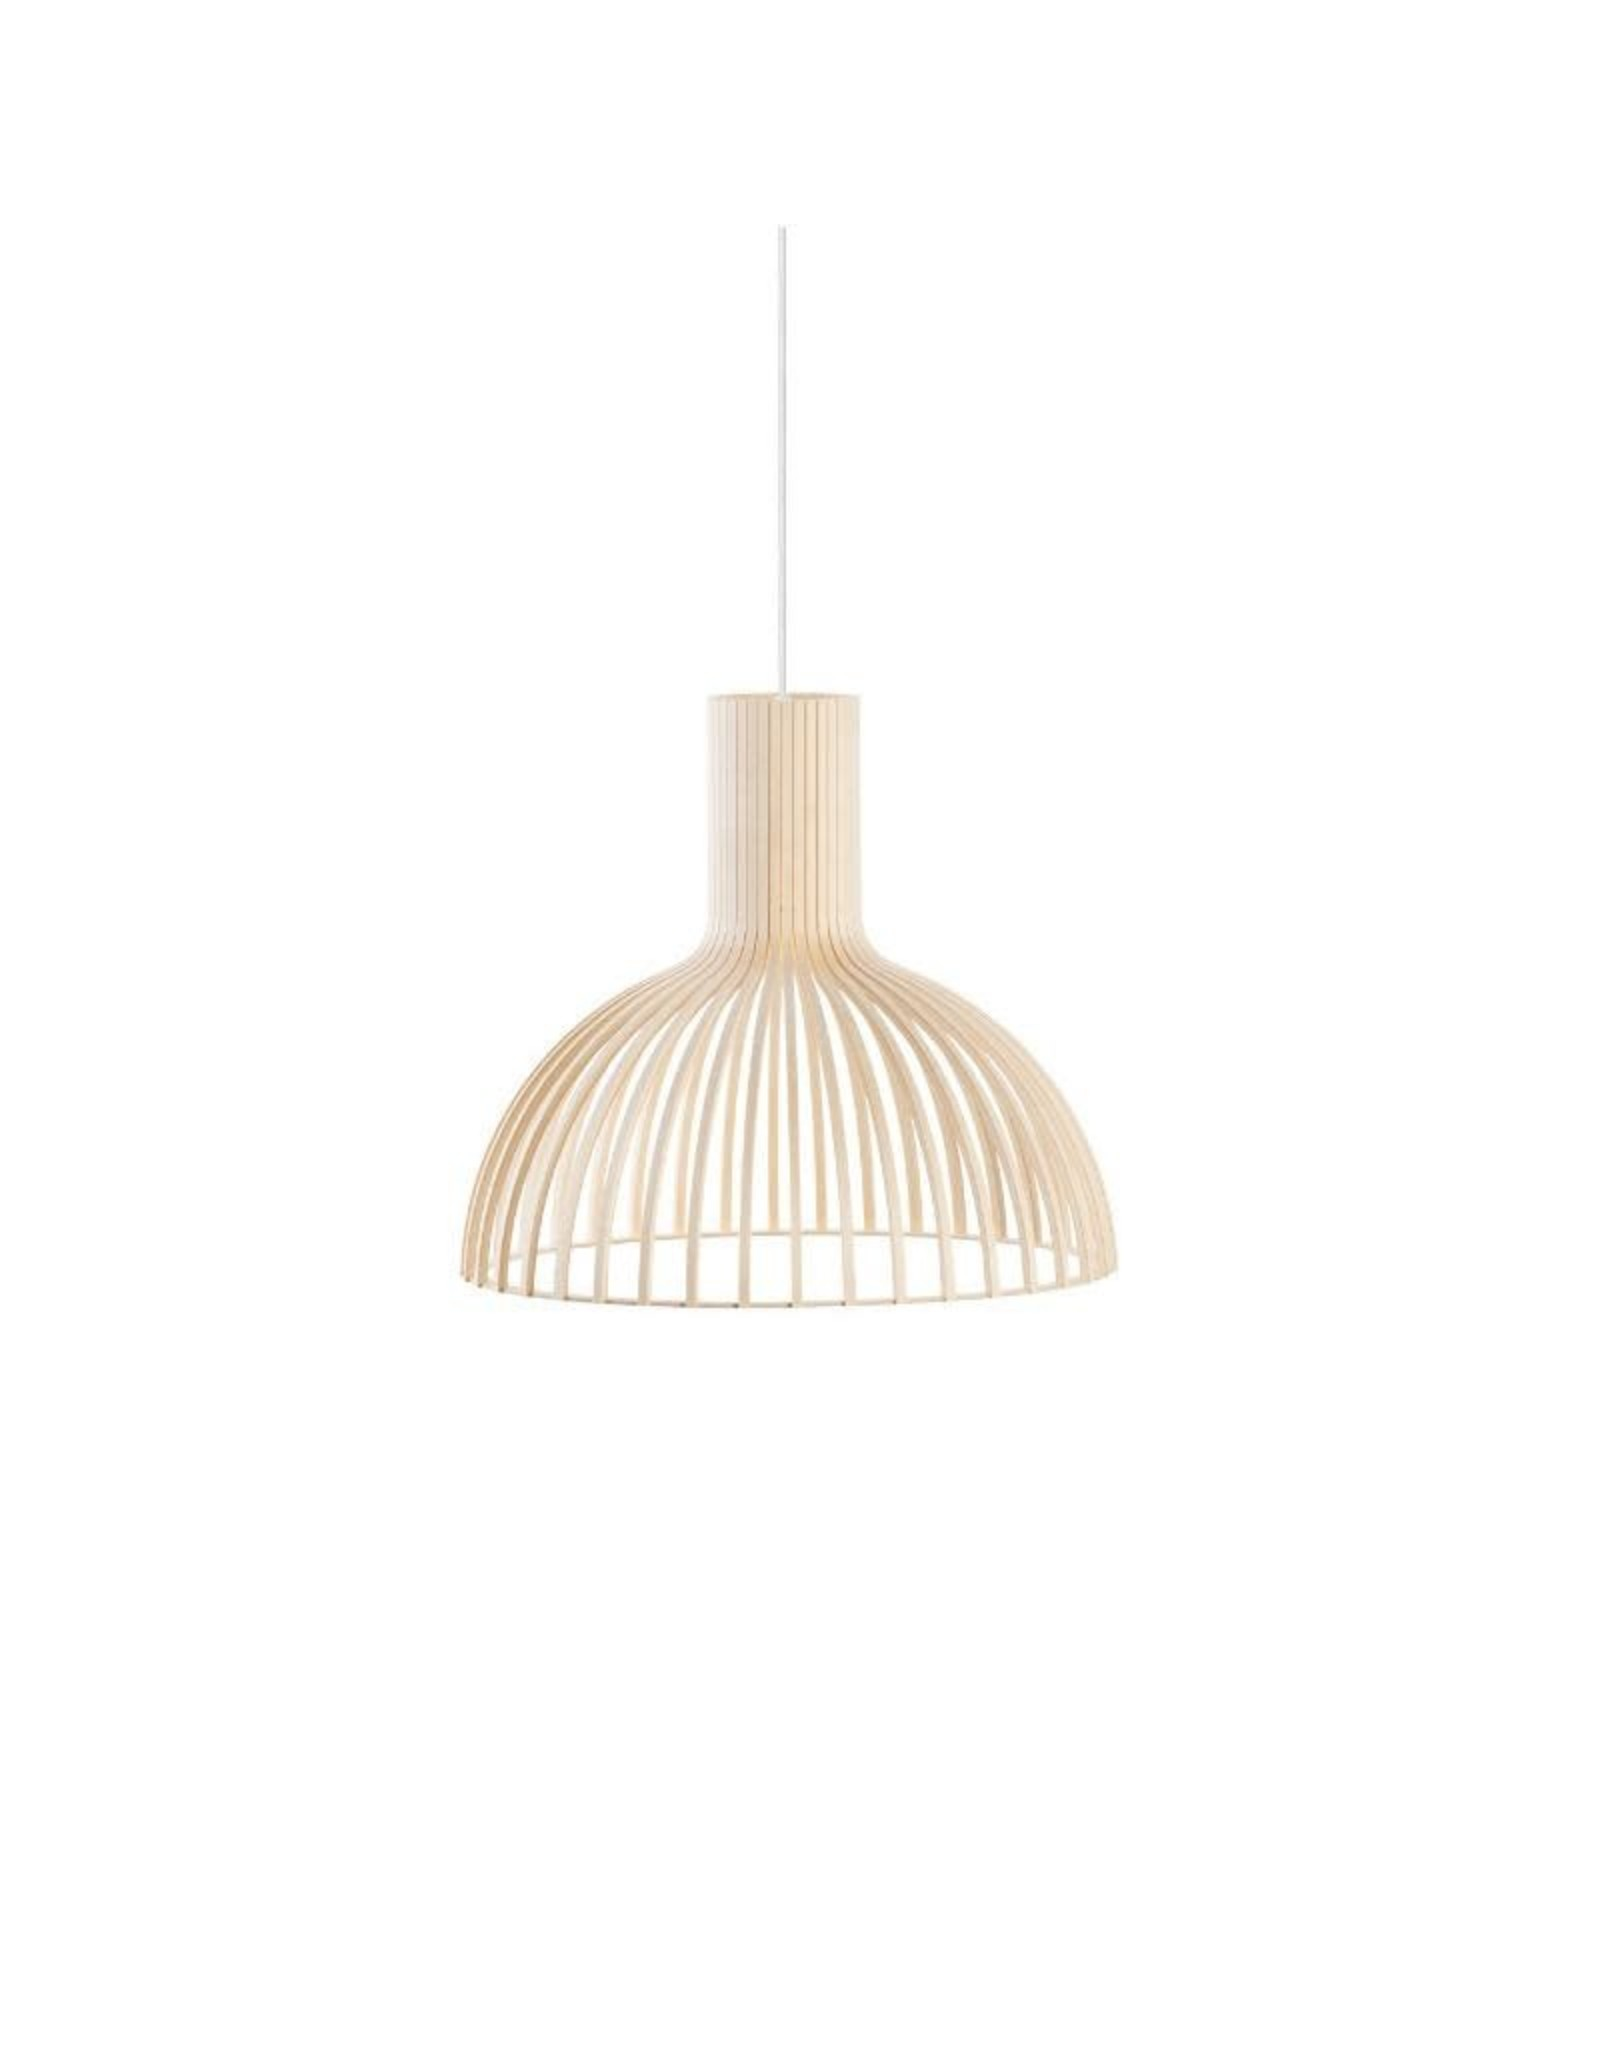 VICTO SMALL 4251 PENDANT LAMP